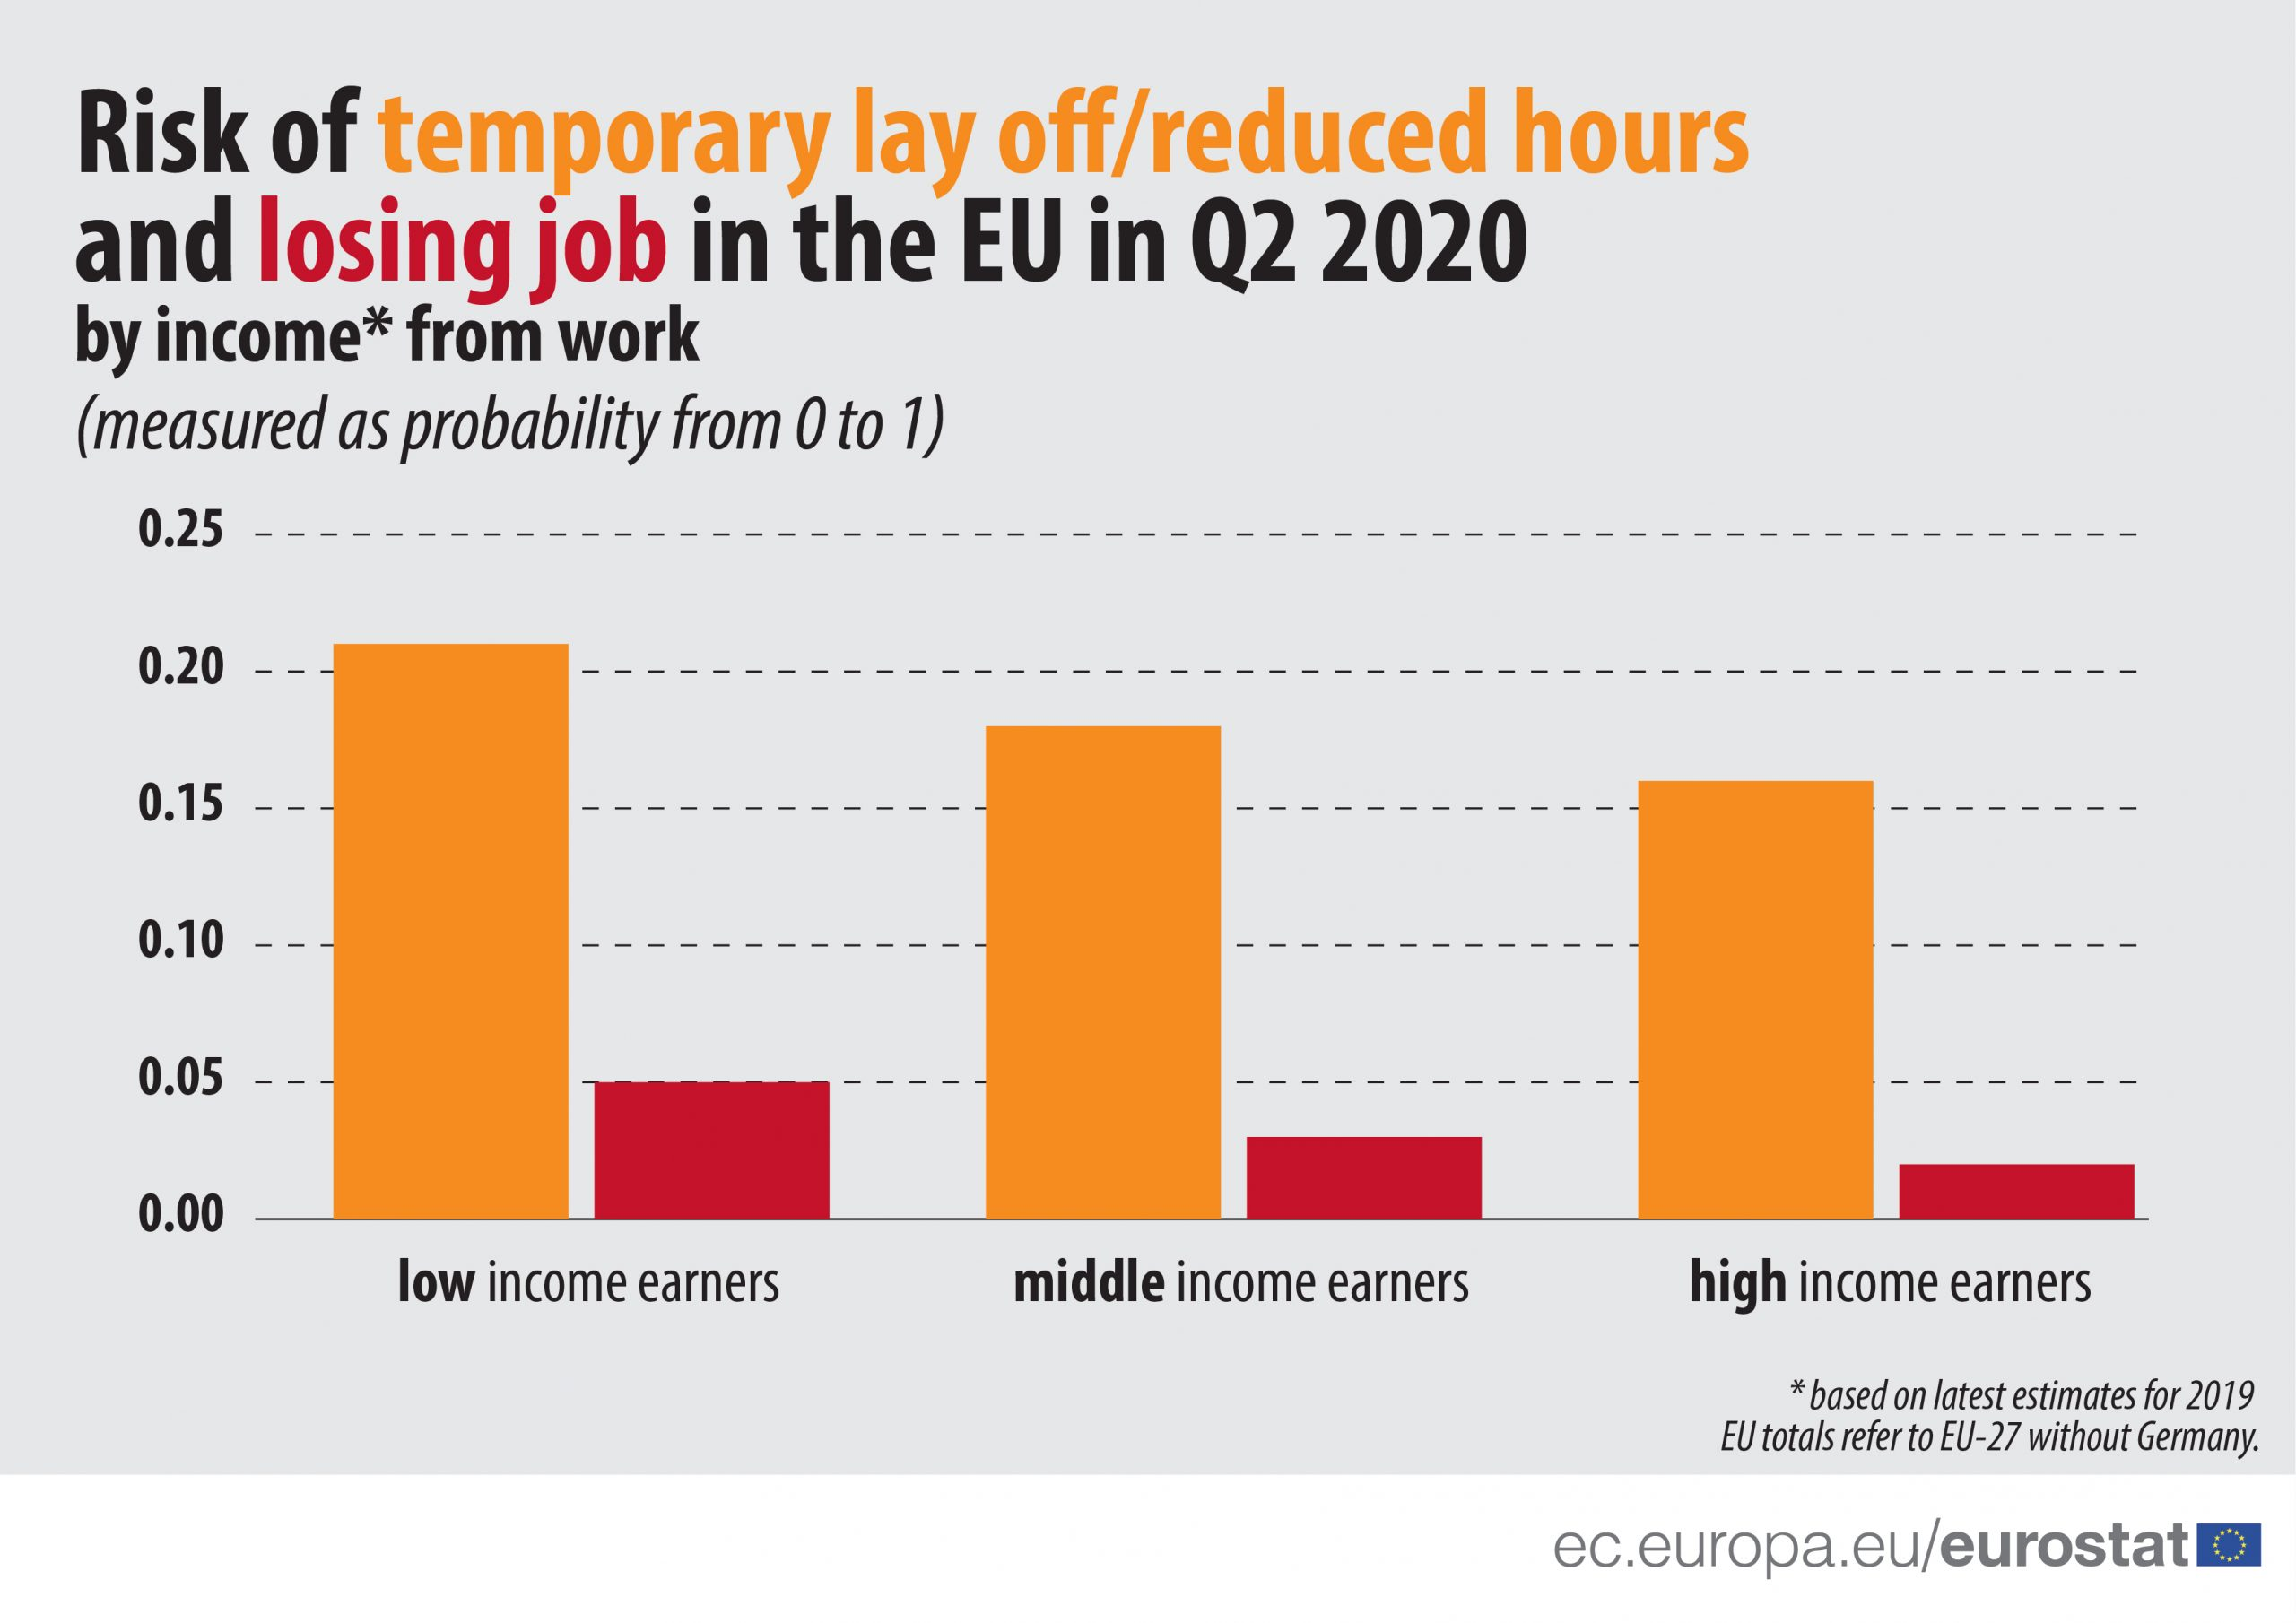 Radnici sa niskim primanjima u EU u većem riziku da ostanu bez posla 4